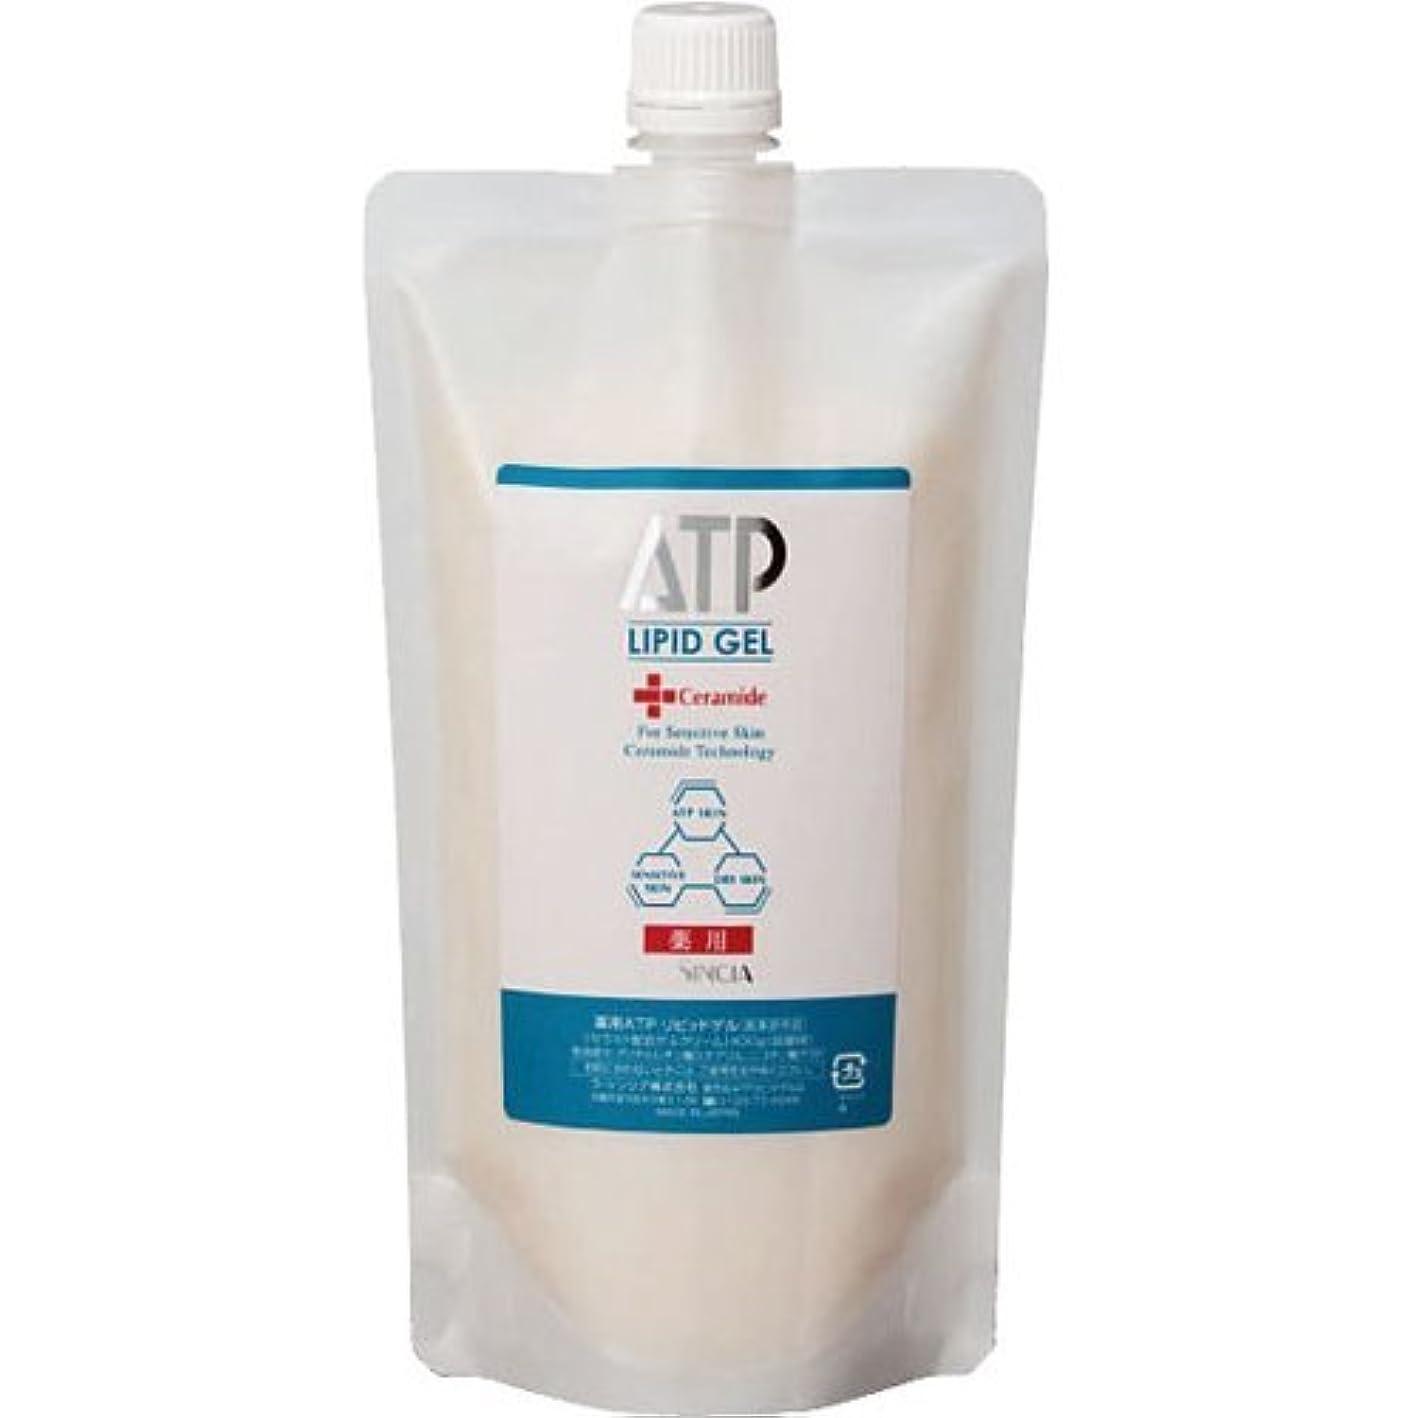 思いやりのあるパワー緯度ラシンシア 薬用ATPリピッドゲル 400g(詰替用) 【セラミド配合ゲルクリーム】